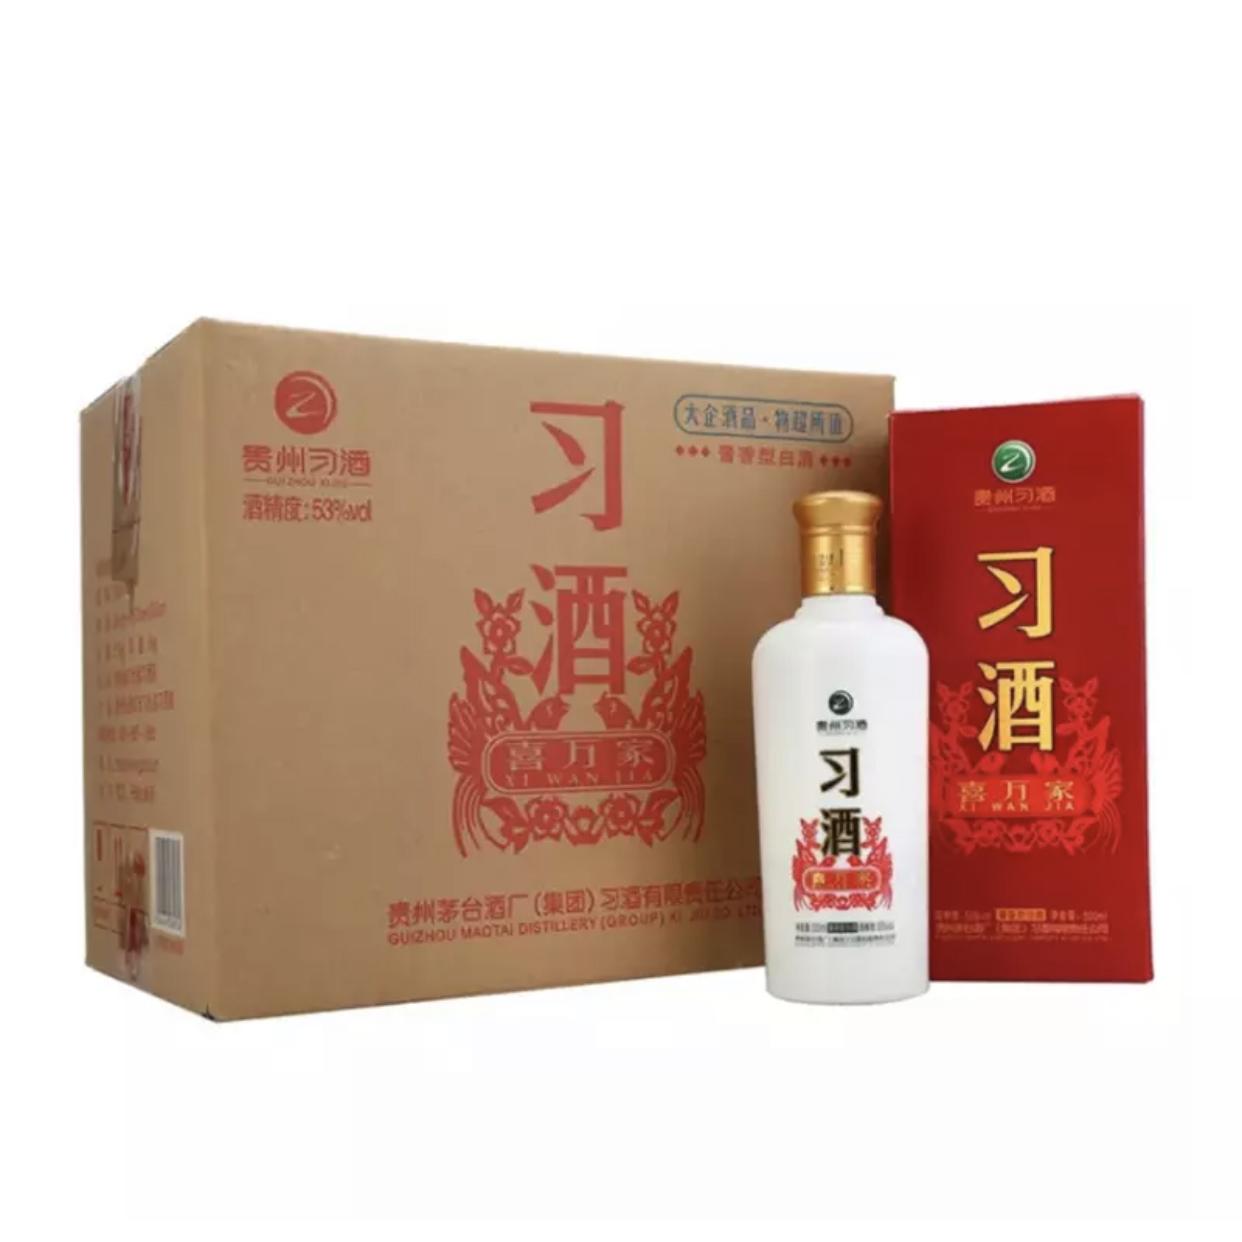 53°习酒 喜万家500ml(6瓶装)2019年